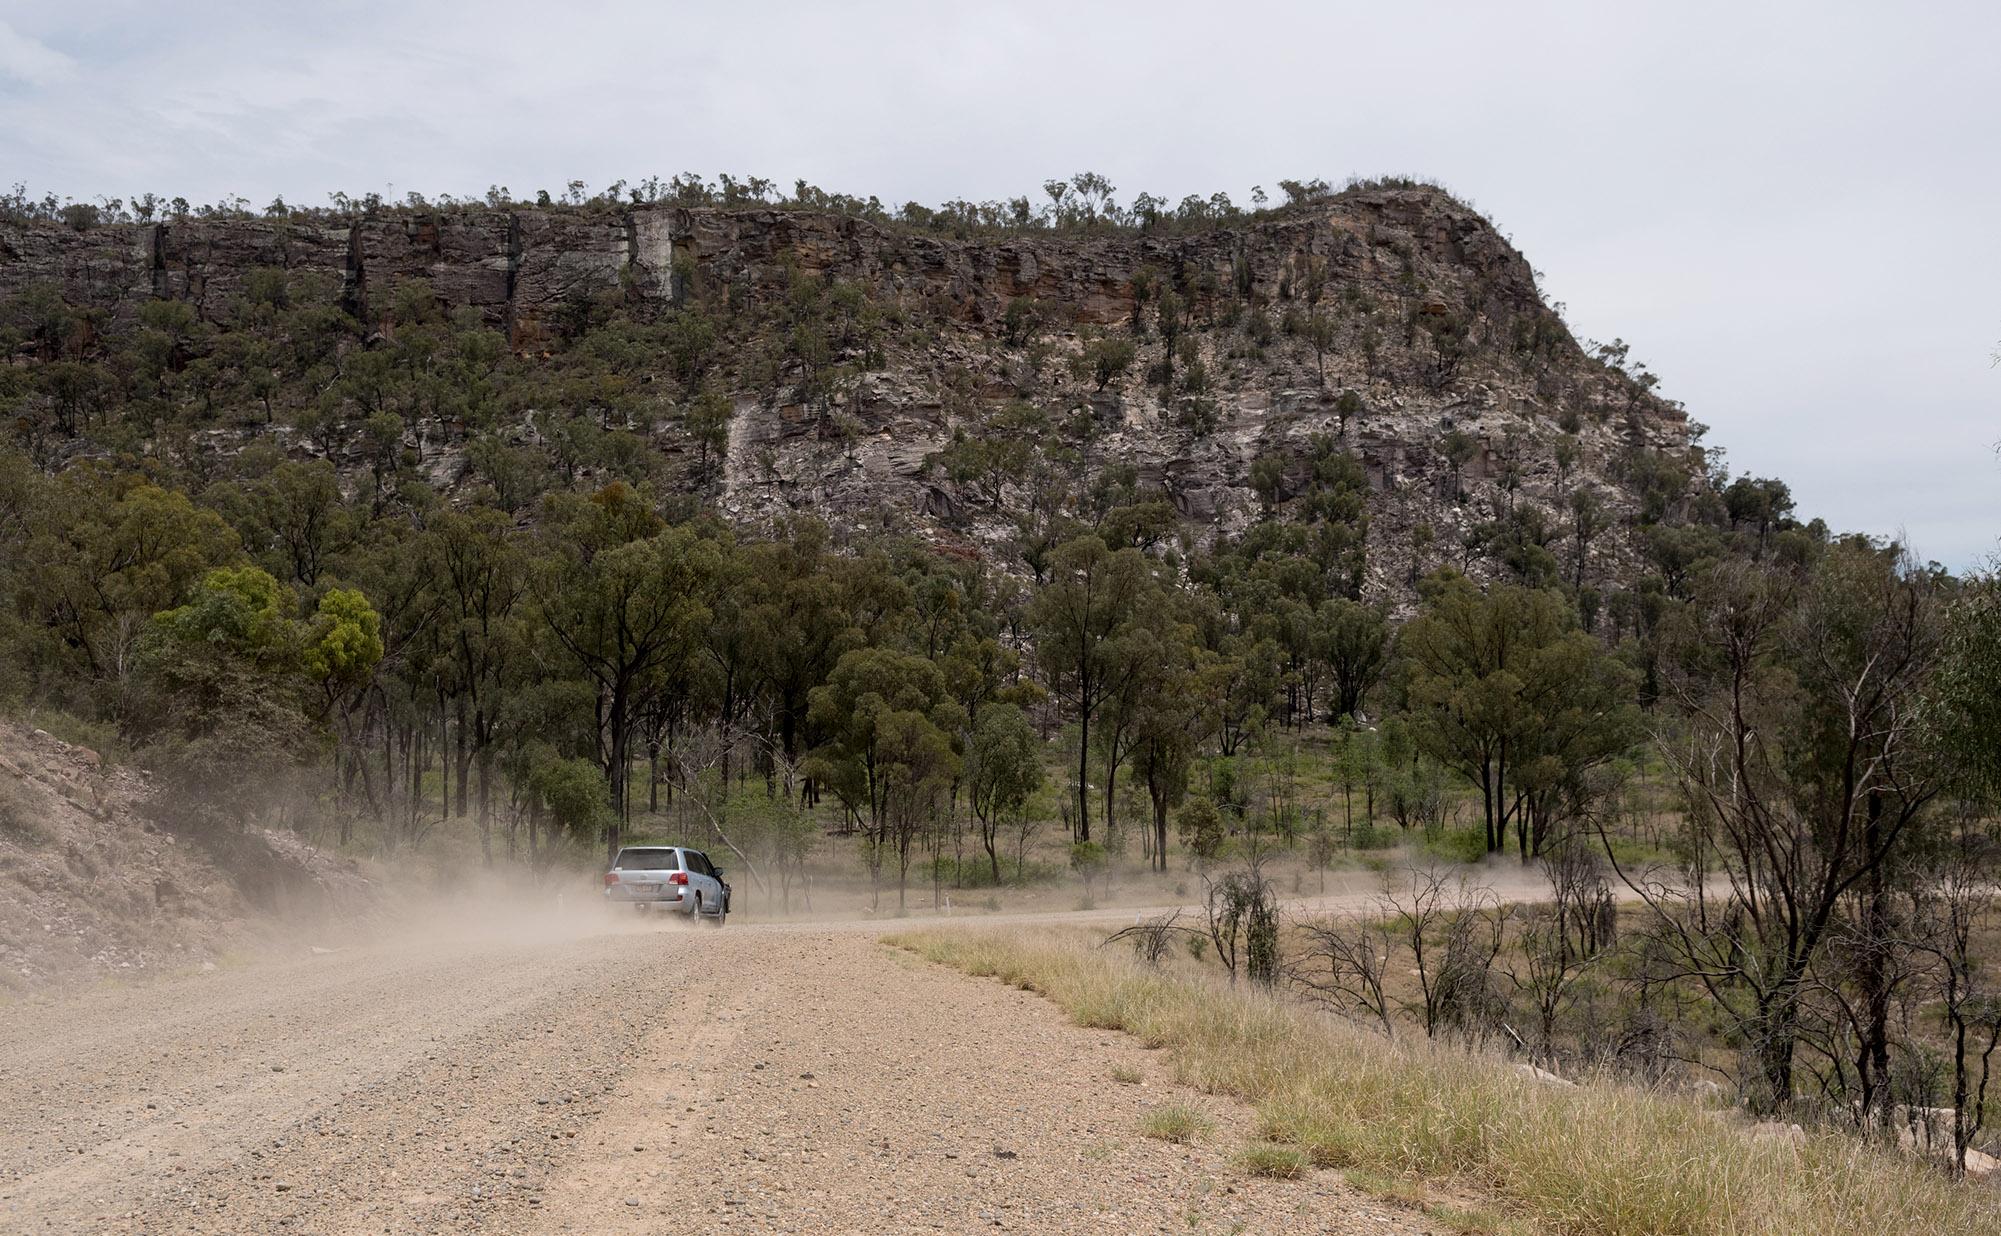 Tambo driving shot